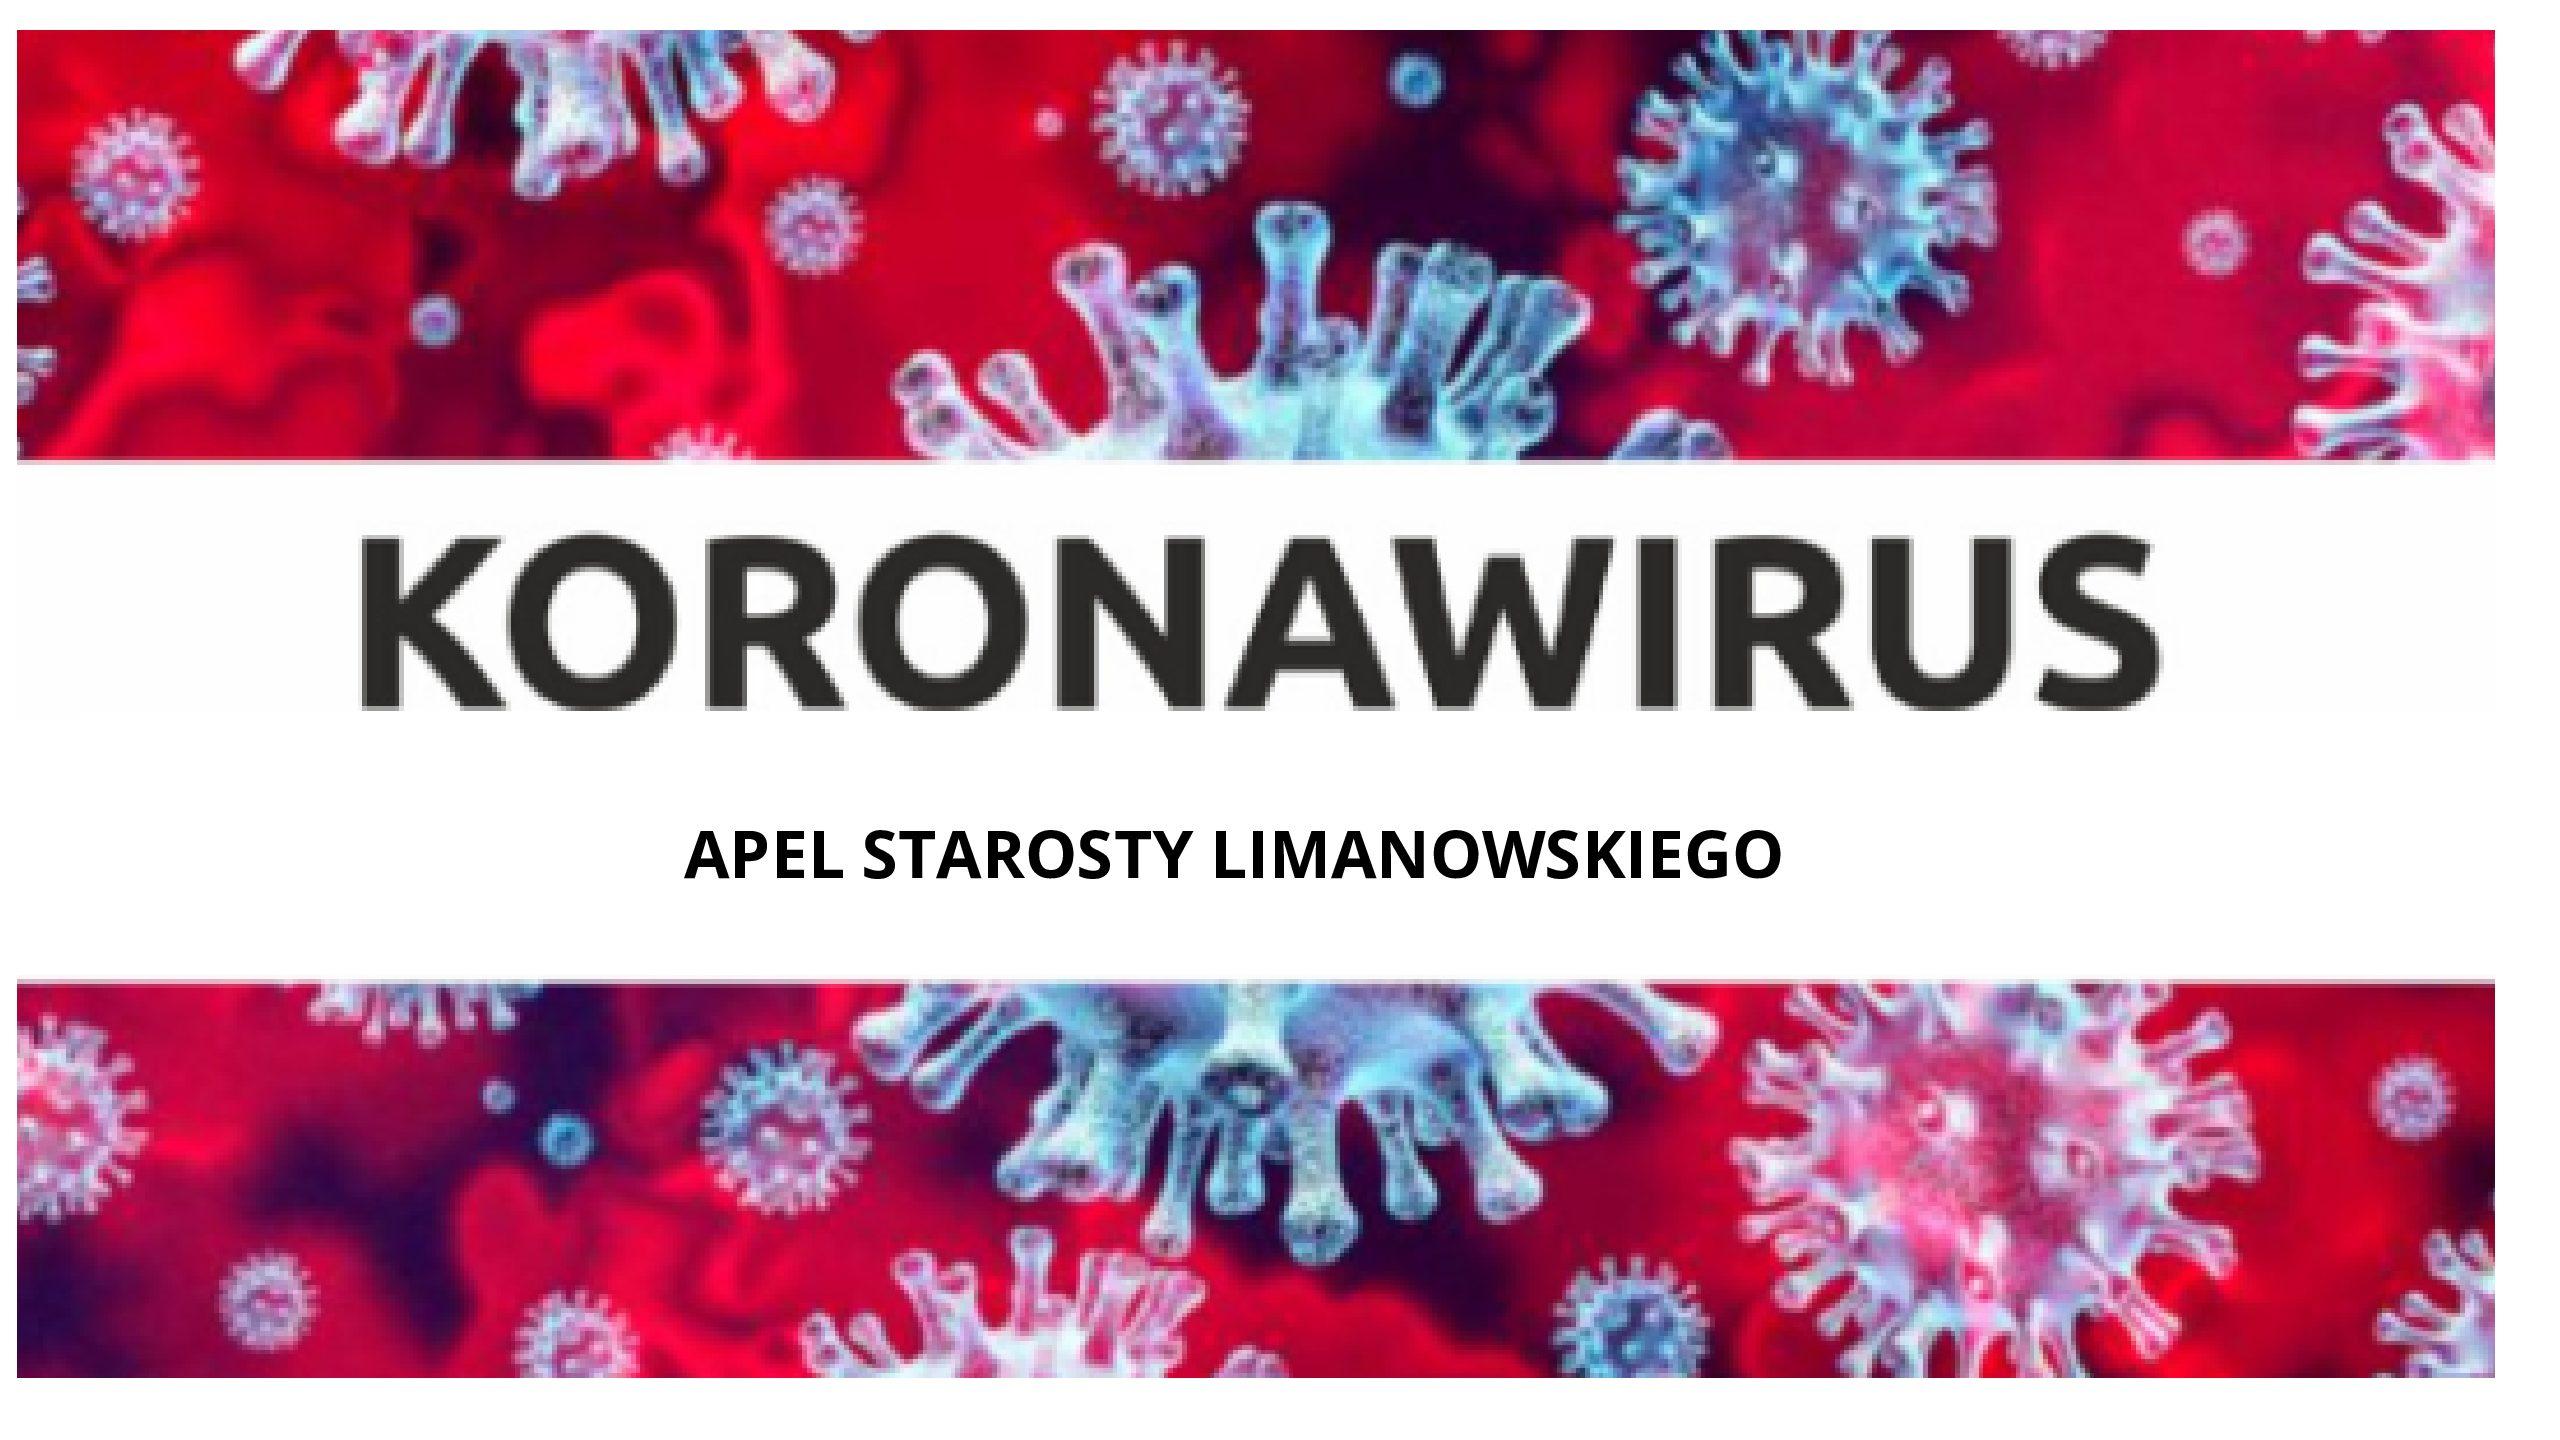 Zdjęcie przedstawiające w mikoroskopijnym przybliżeniu bakterie z napisem przez środek KORONAWIRUS Apel Starosty Limanowskiego